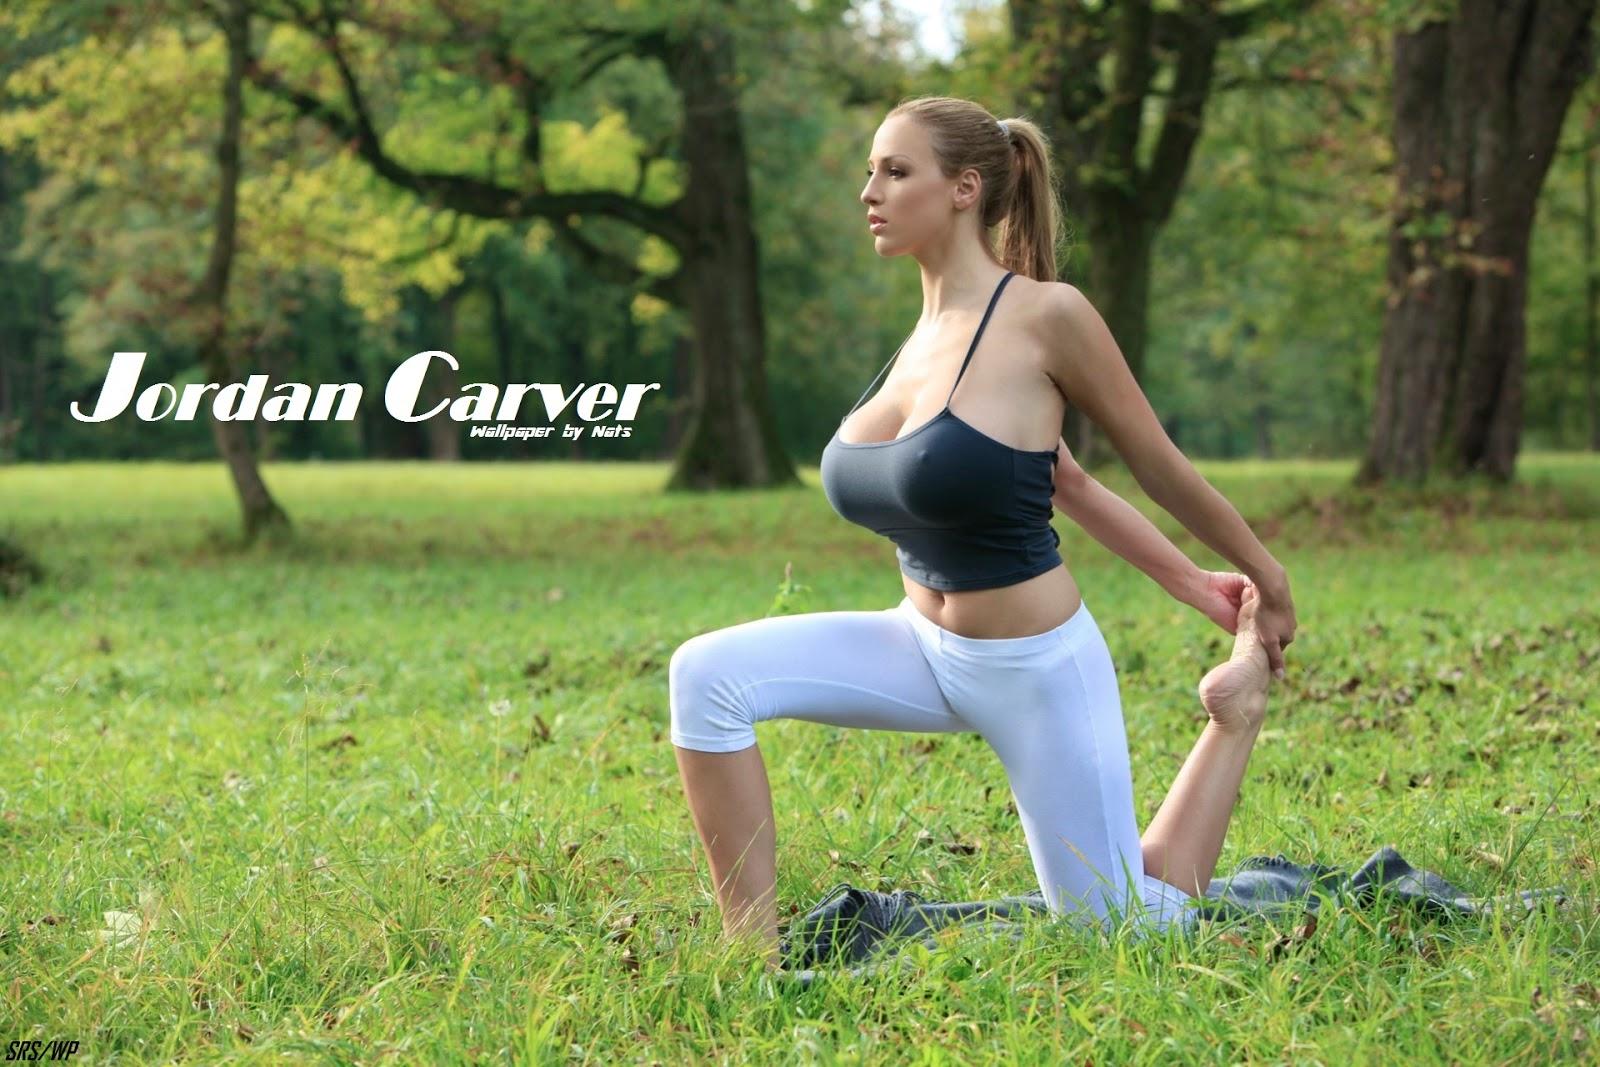 http://4.bp.blogspot.com/-0hADoOiV3J0/UIHCeAXFyuI/AAAAAAAAFb0/HL81-_x1A0o/s1600/jordan-carver_a90a6dd8.jpg